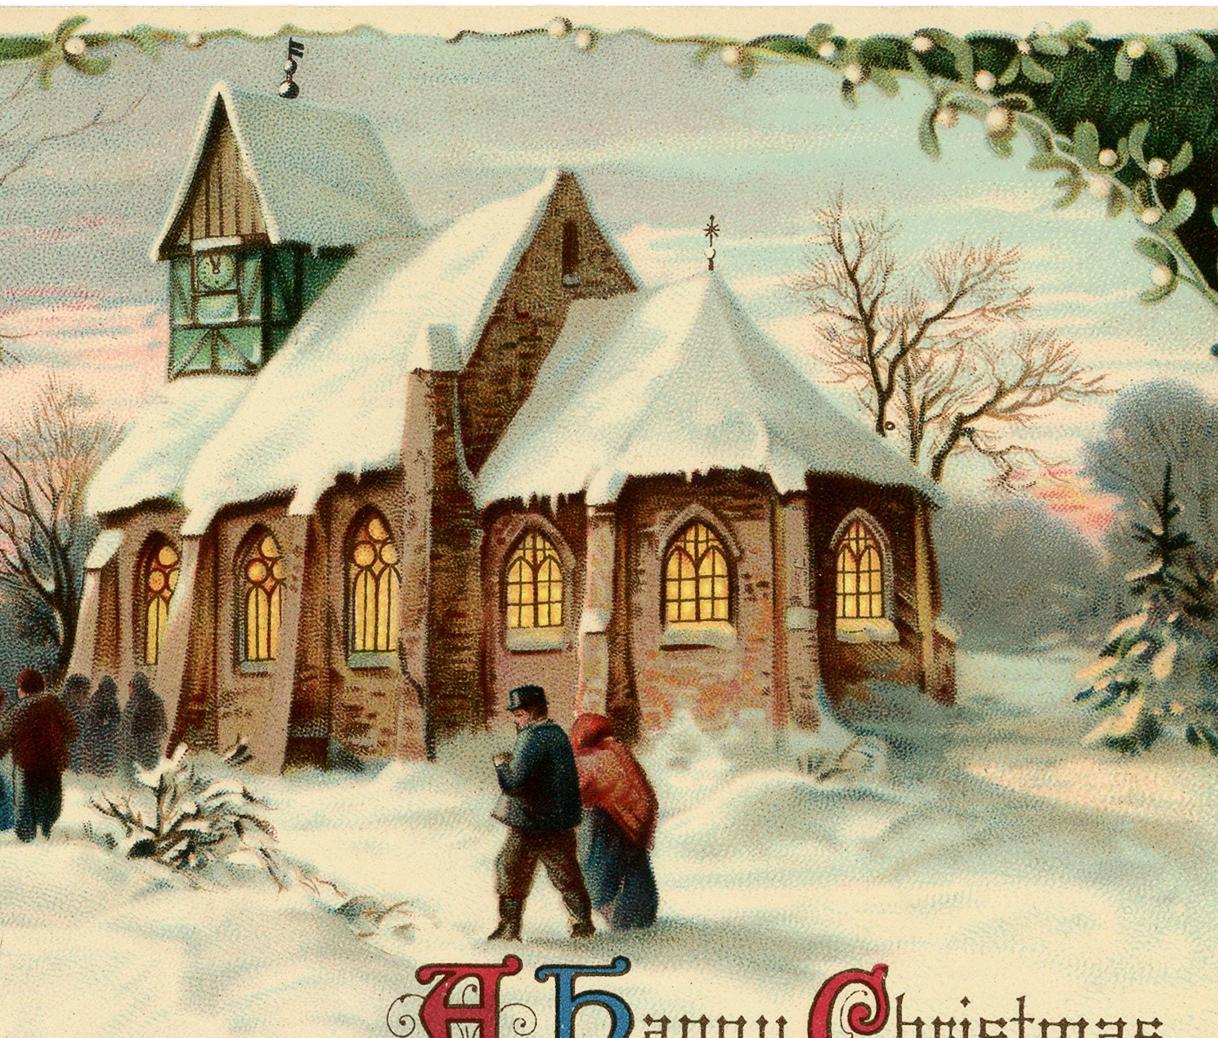 Vintage Christmas Church Image